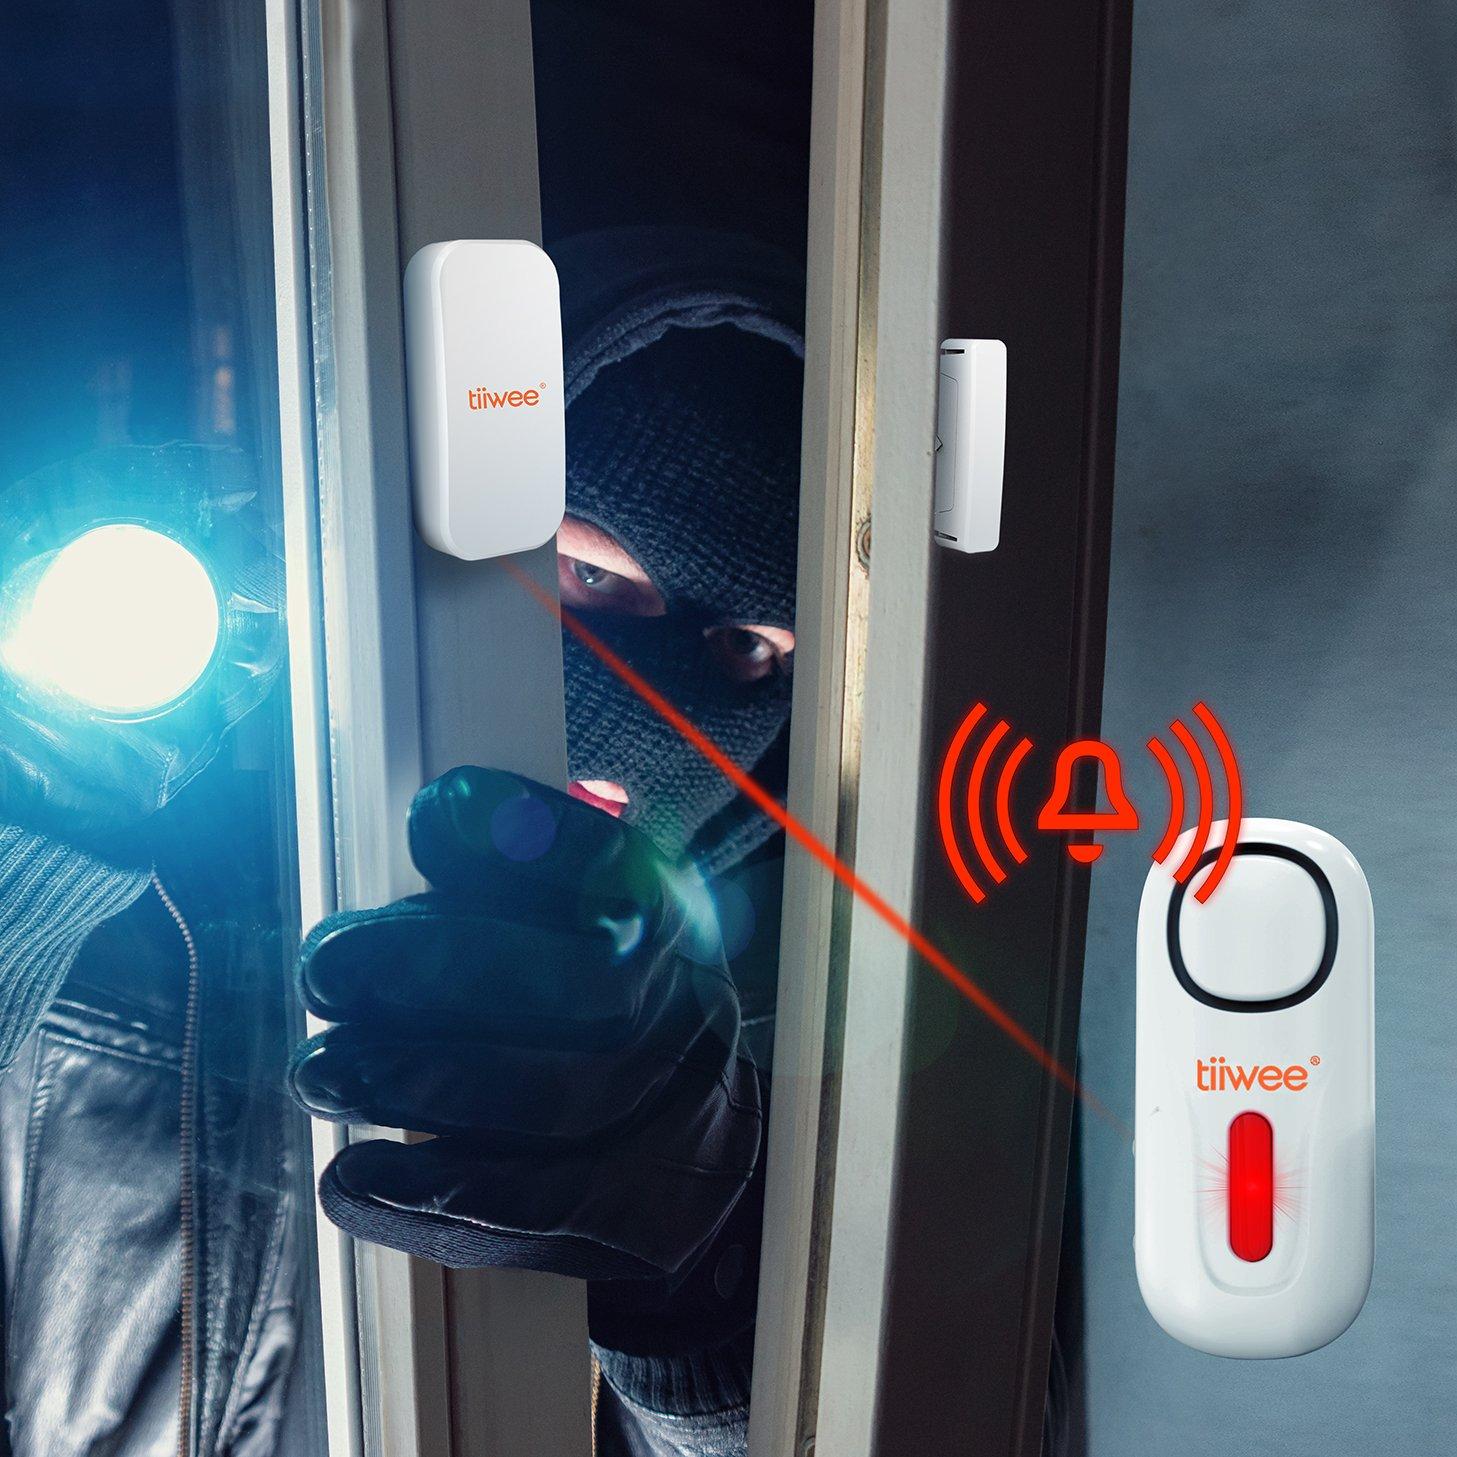 tiiwee Kit de Seguridad - Kit Inicio Alarma de Hogar - Sistema de Alarma antirrobo Inal‡mbrico con Unidad de Sirena - 2 sensores de Puerta de Ventana y Control Remoto